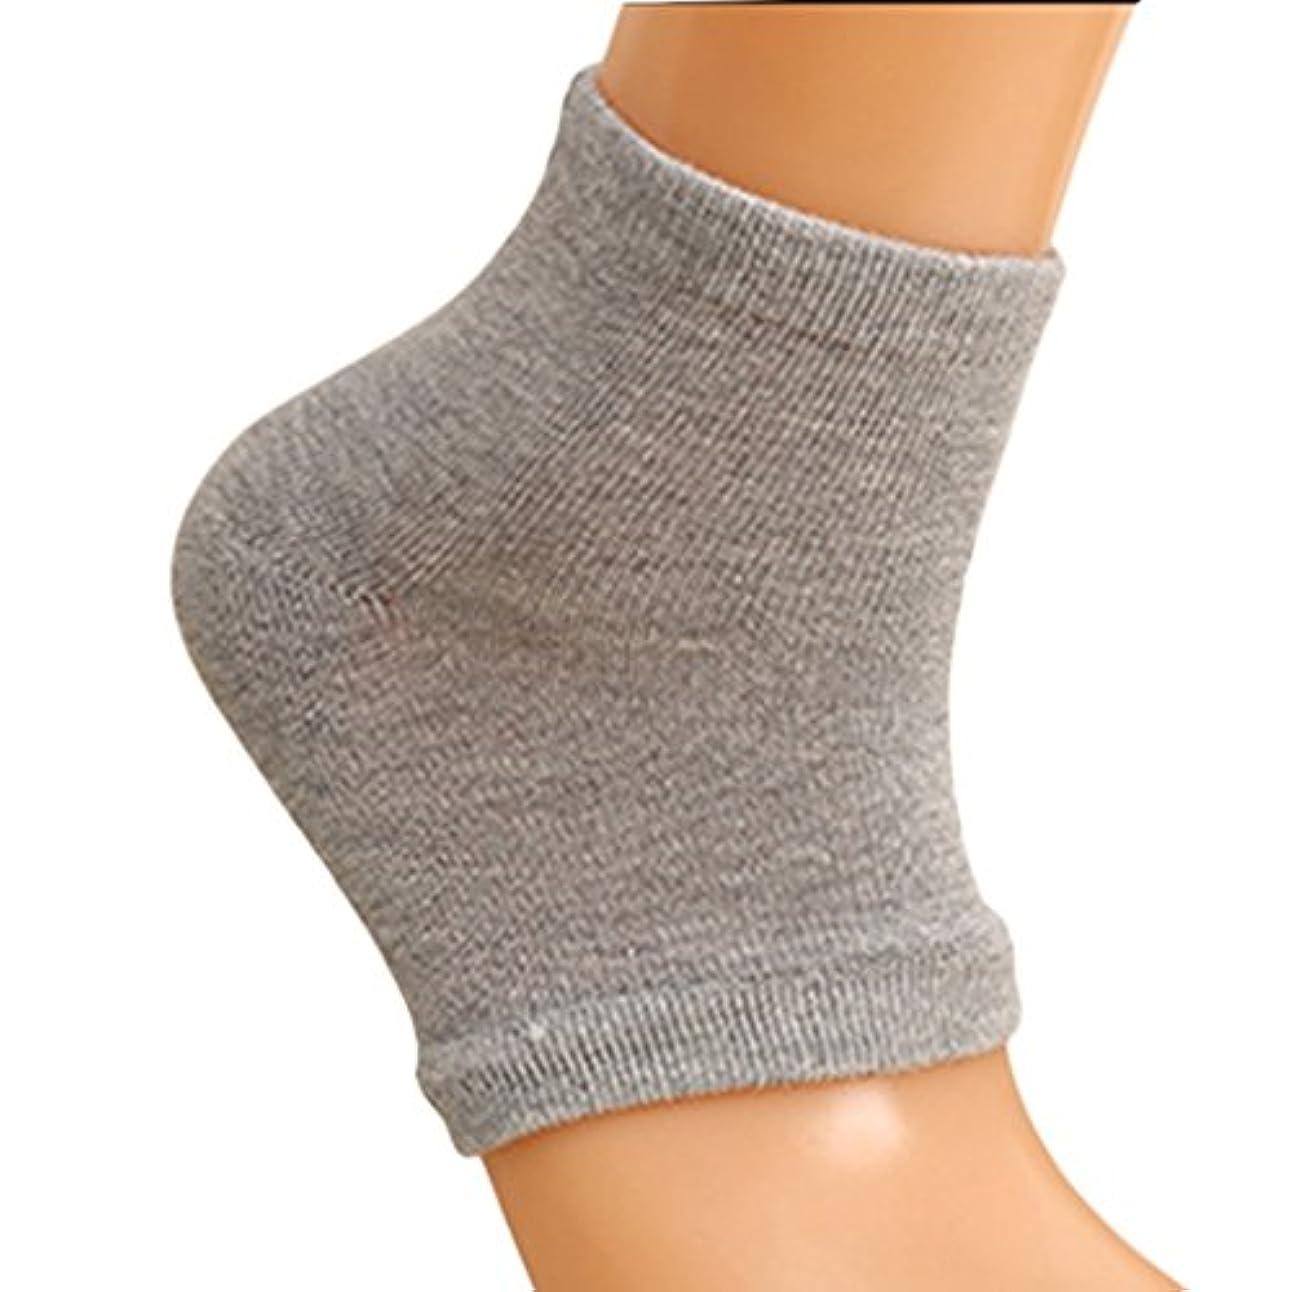 重量不公平ロマンスXiton 靴下 ソックス レディース メンズ 靴下 つるつる 靴下 フットケア かかとケア ひび 角質ケア 保湿 角質除去(2足セット グレー)